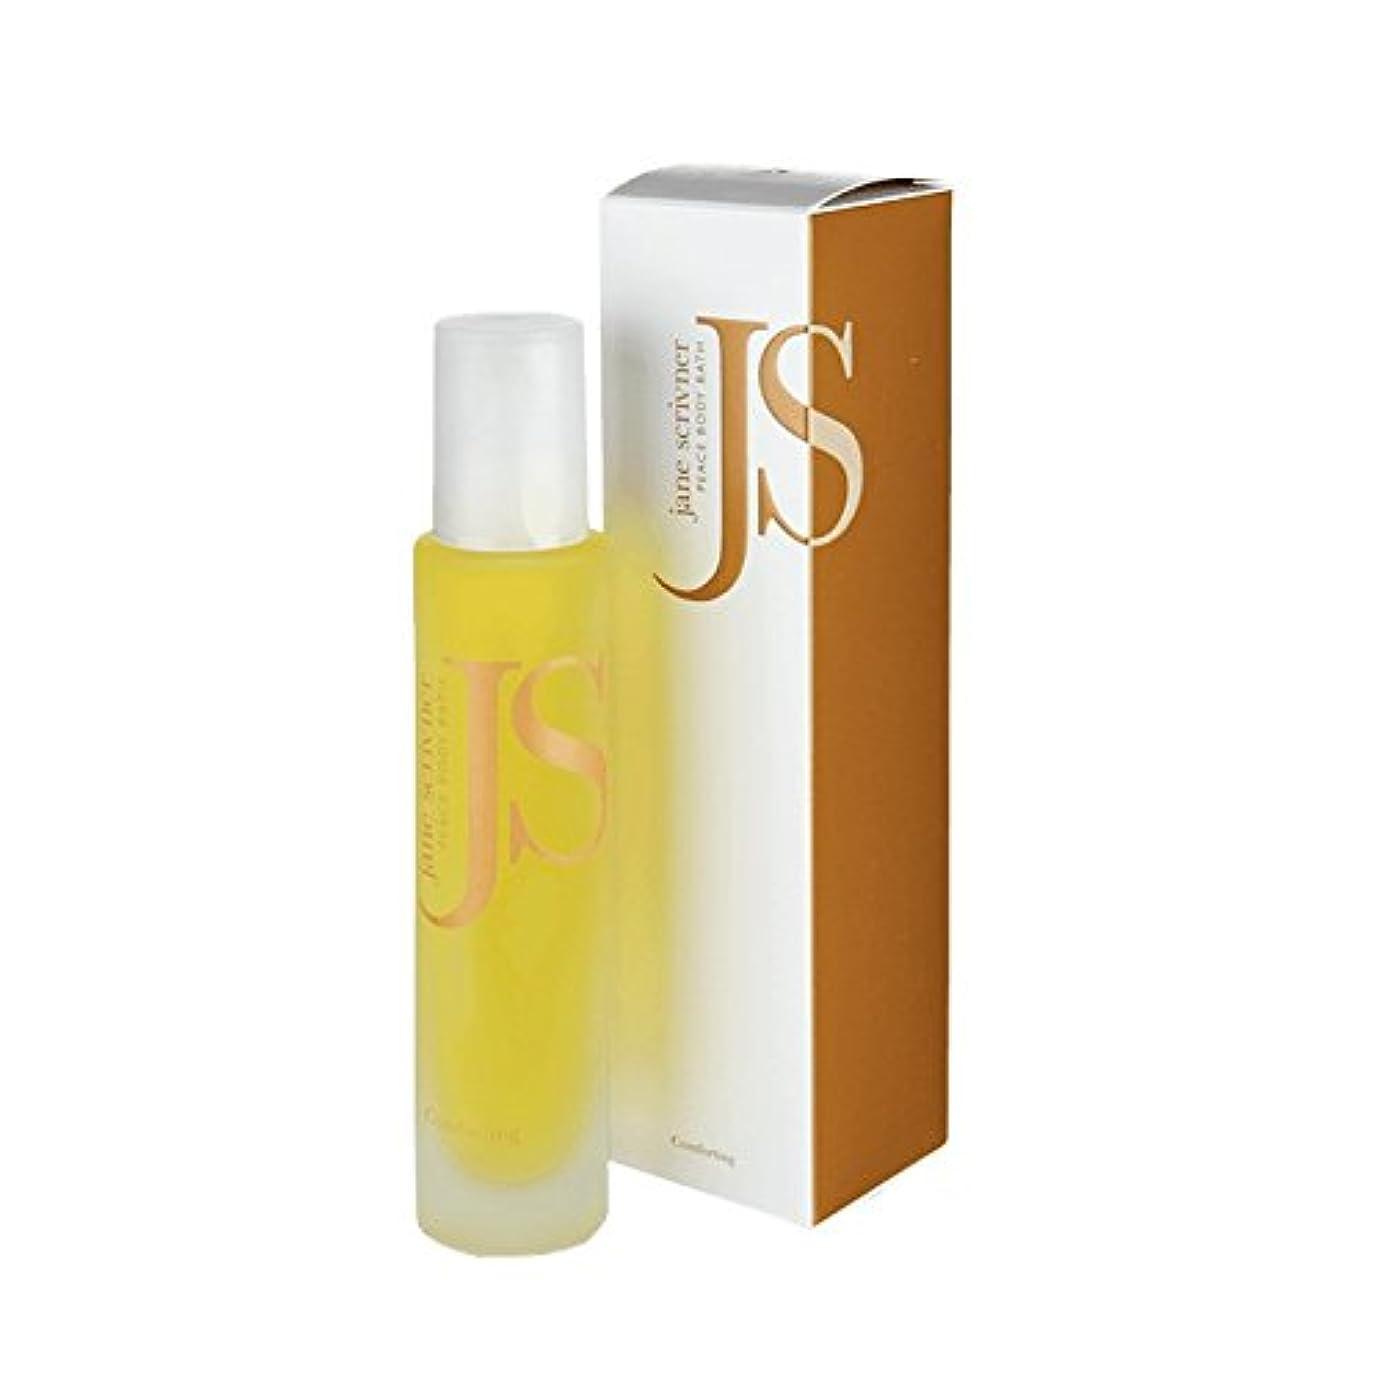 眩惑するシーン系統的Jane Scrivner Body Bath Oil Peace 100ml (Pack of 2) - ジェーンScrivnerボディバスオイル平和100ミリリットル (x2) [並行輸入品]